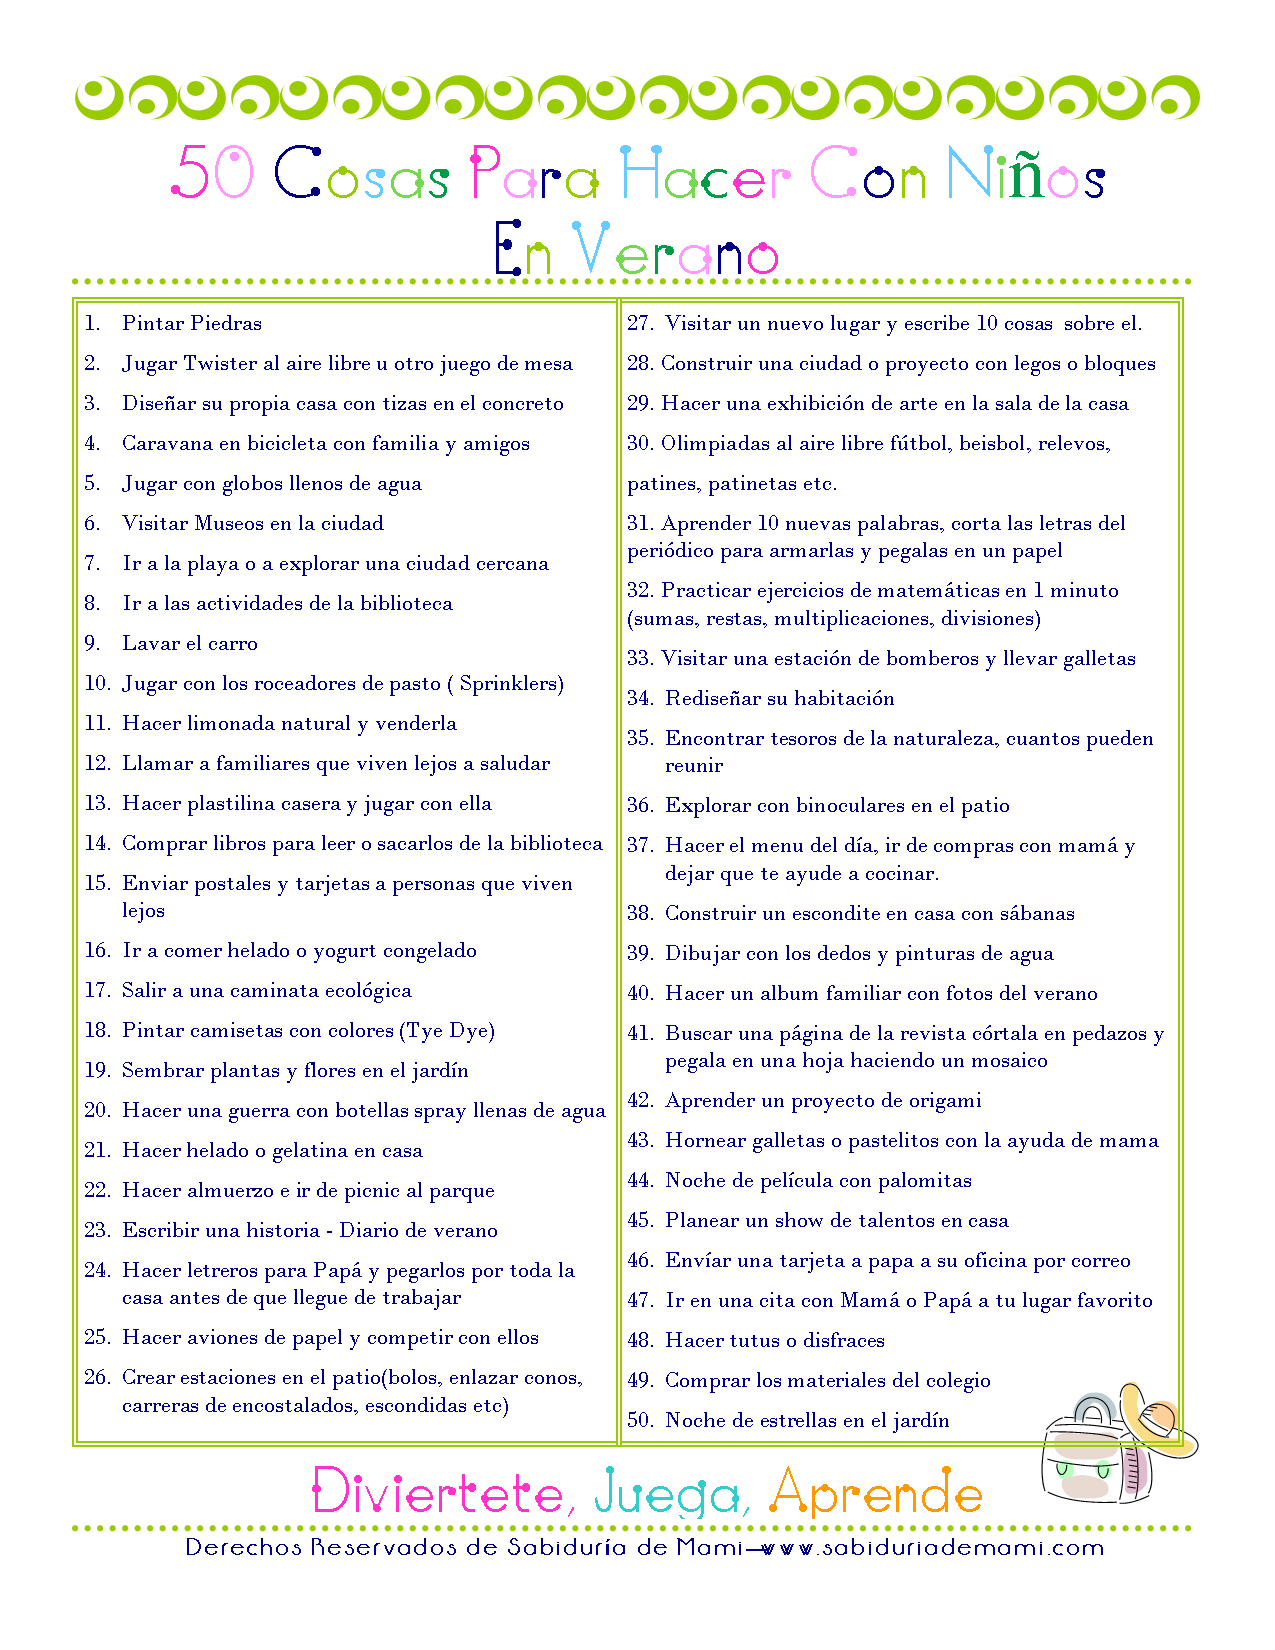 Lista de 50 cosas para hacer con ni os en verano - Que hacer en vacaciones ...